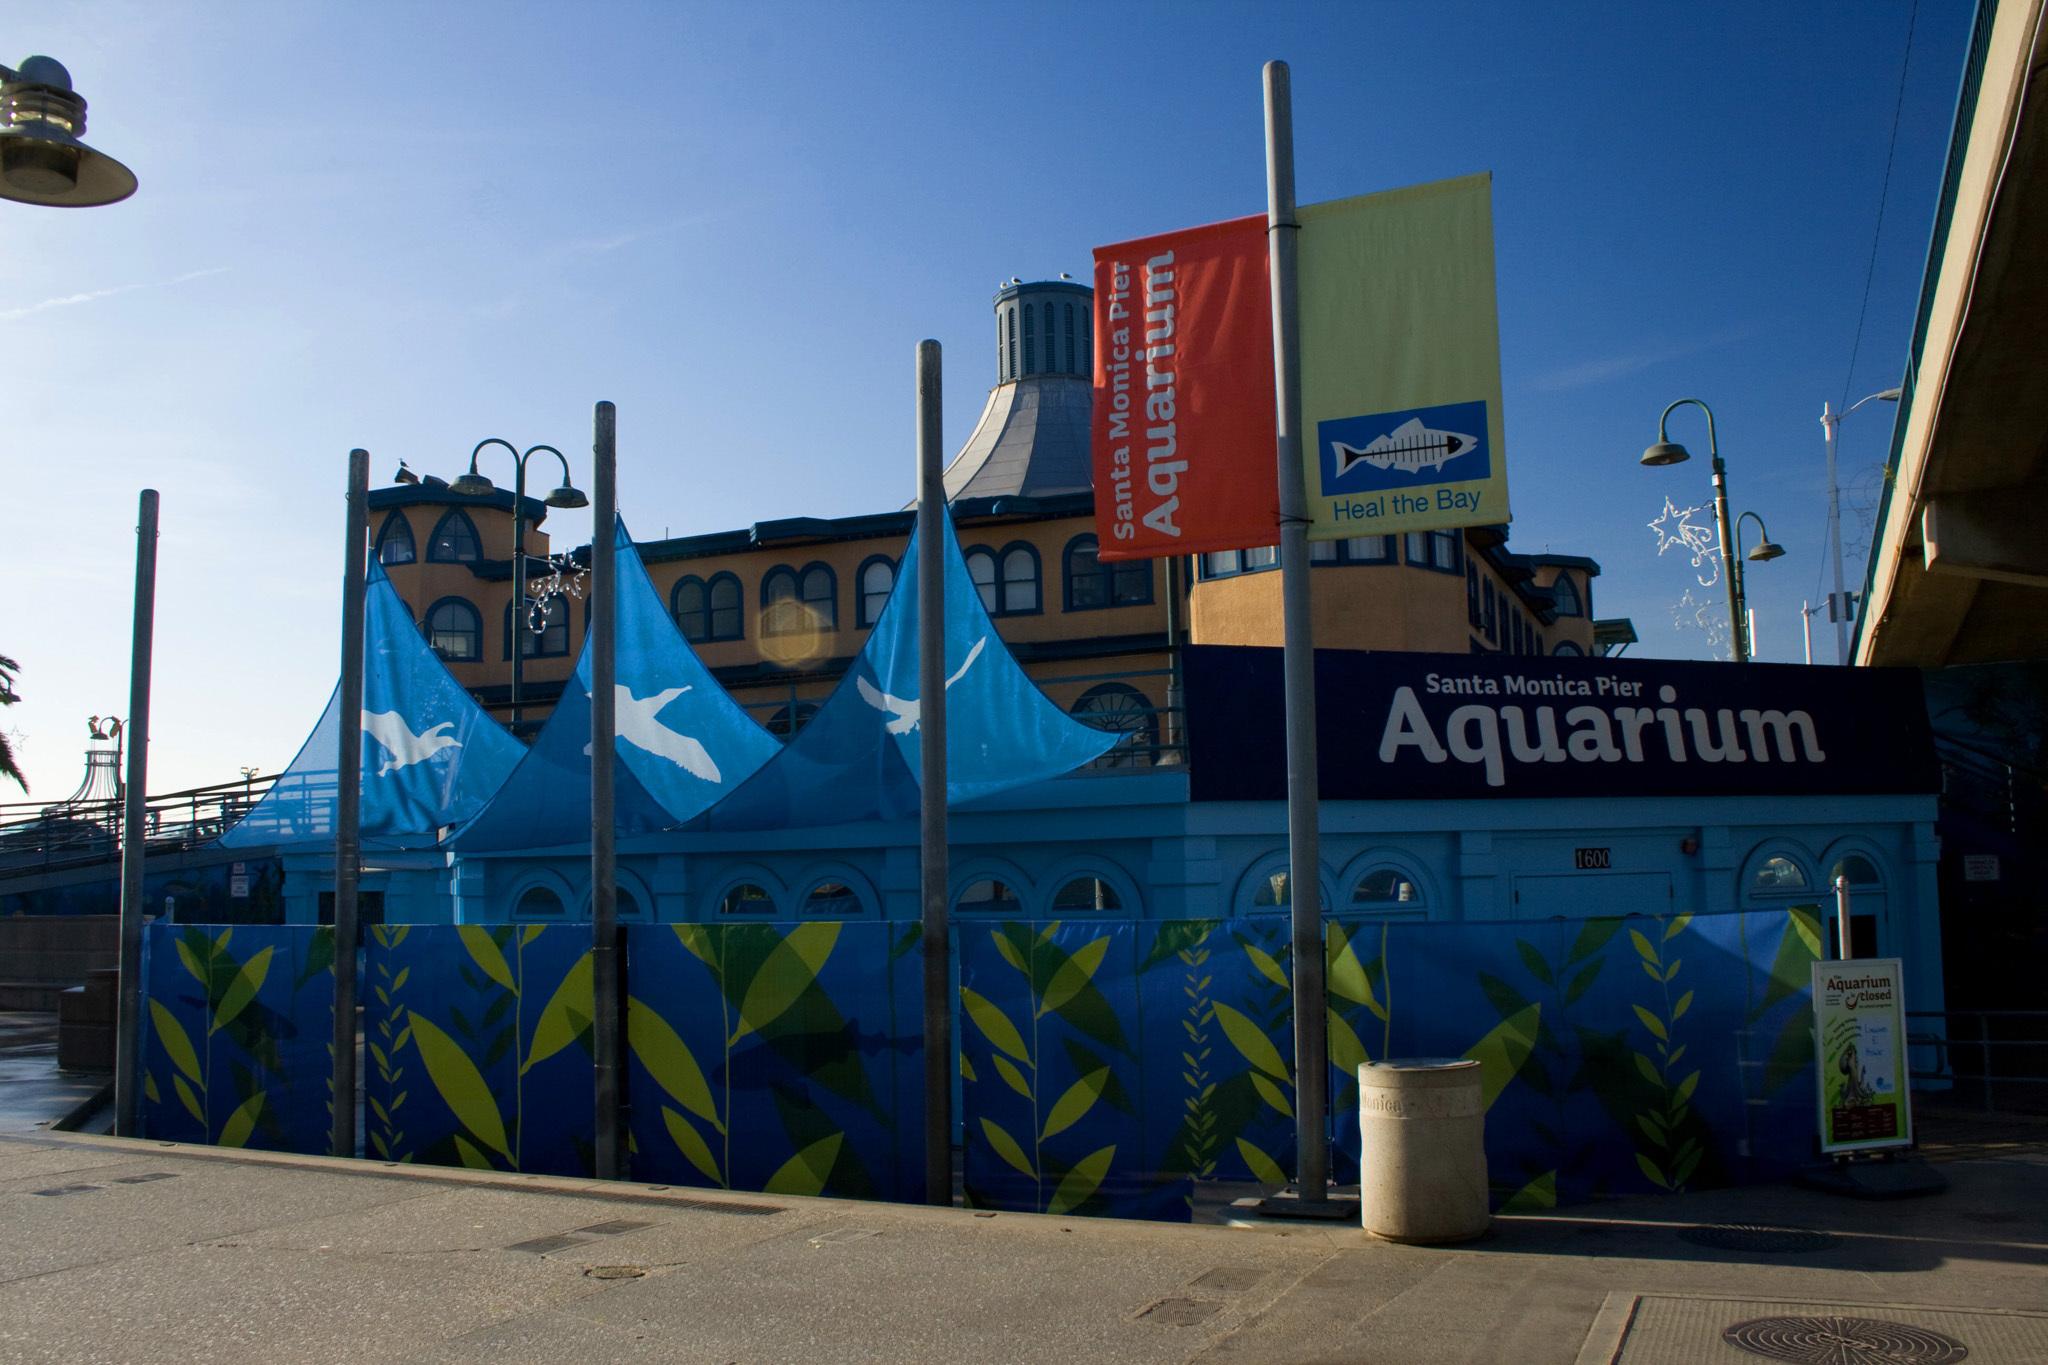 Santa Monica Pier Aquarium